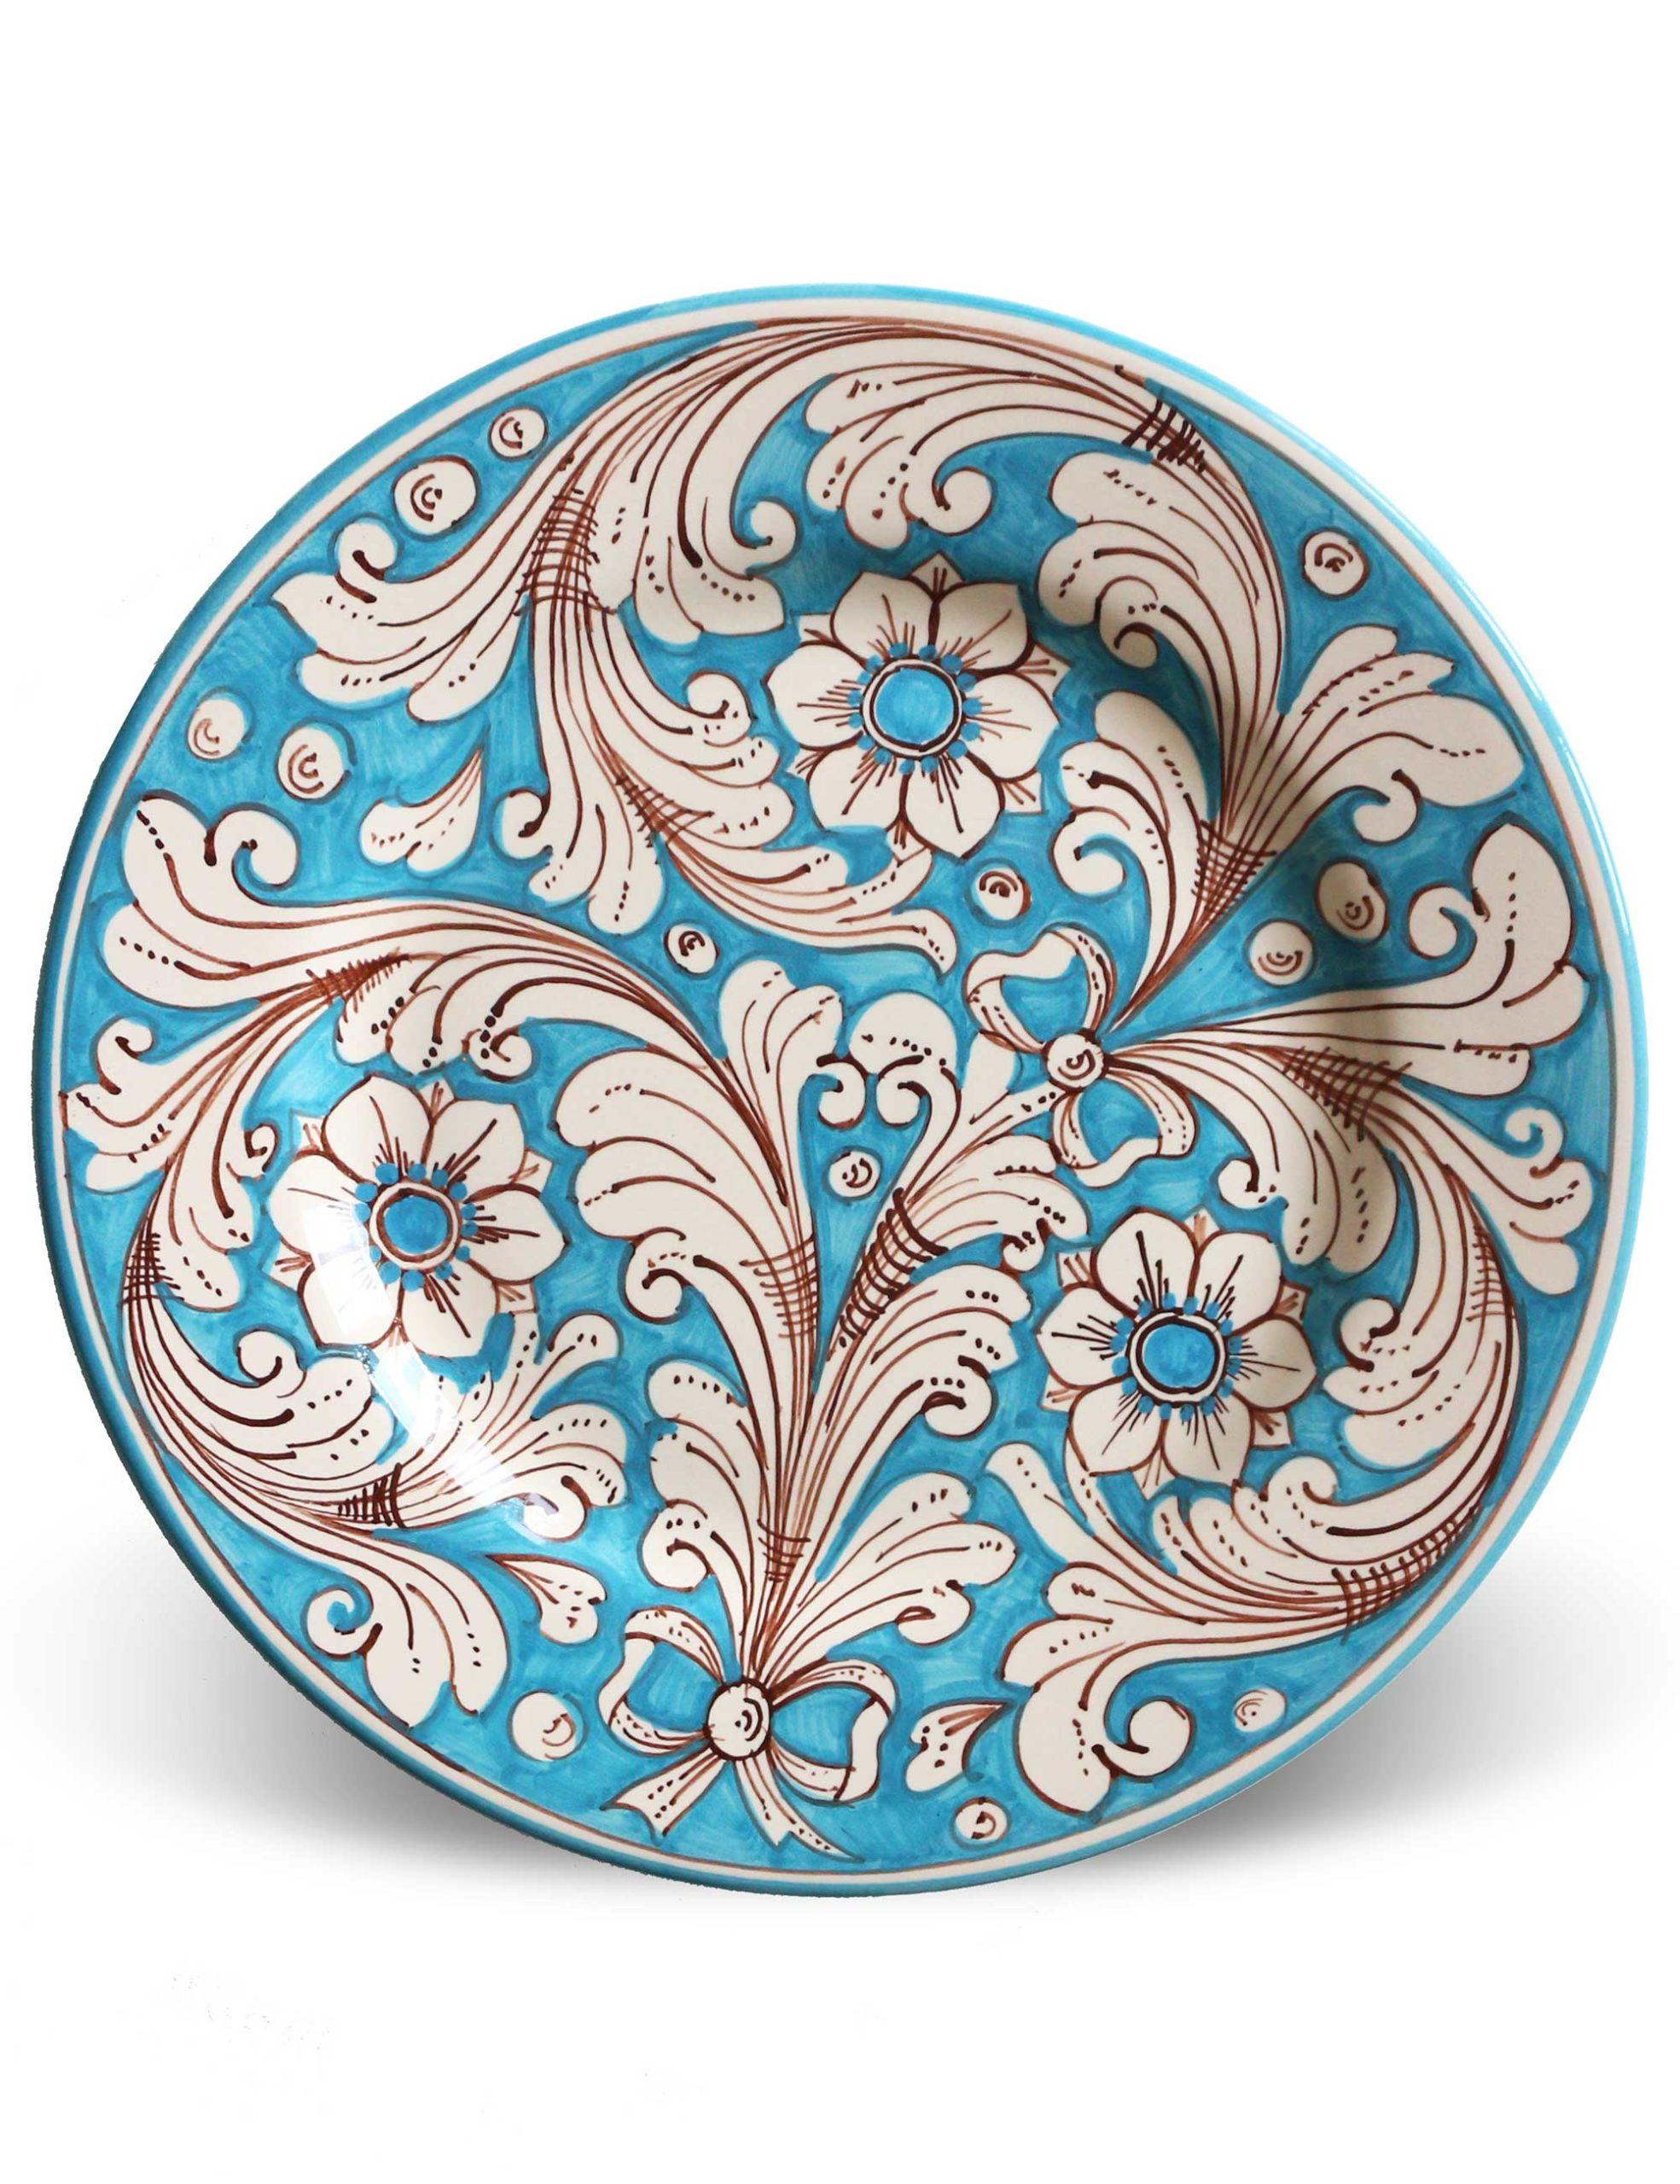 Piatti decorati Marzapane in ceramica di Caltagirone azzurro